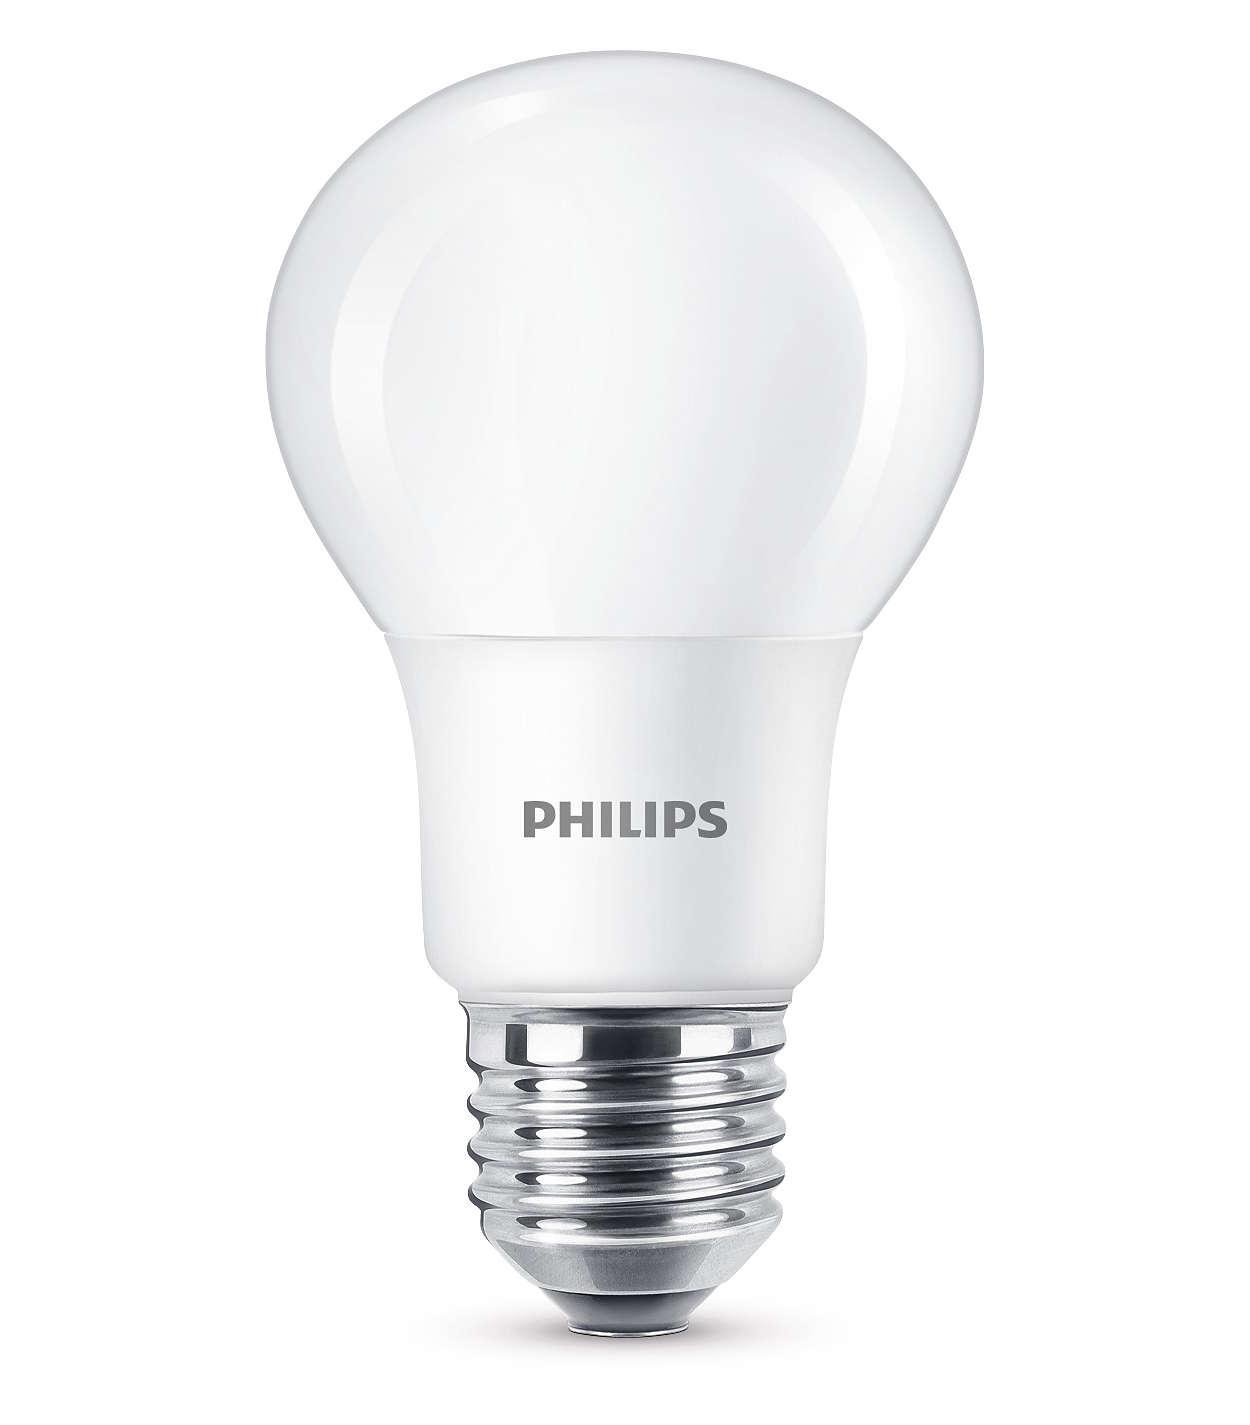 Iluminação LED brilhante com excelente qualidade de luz